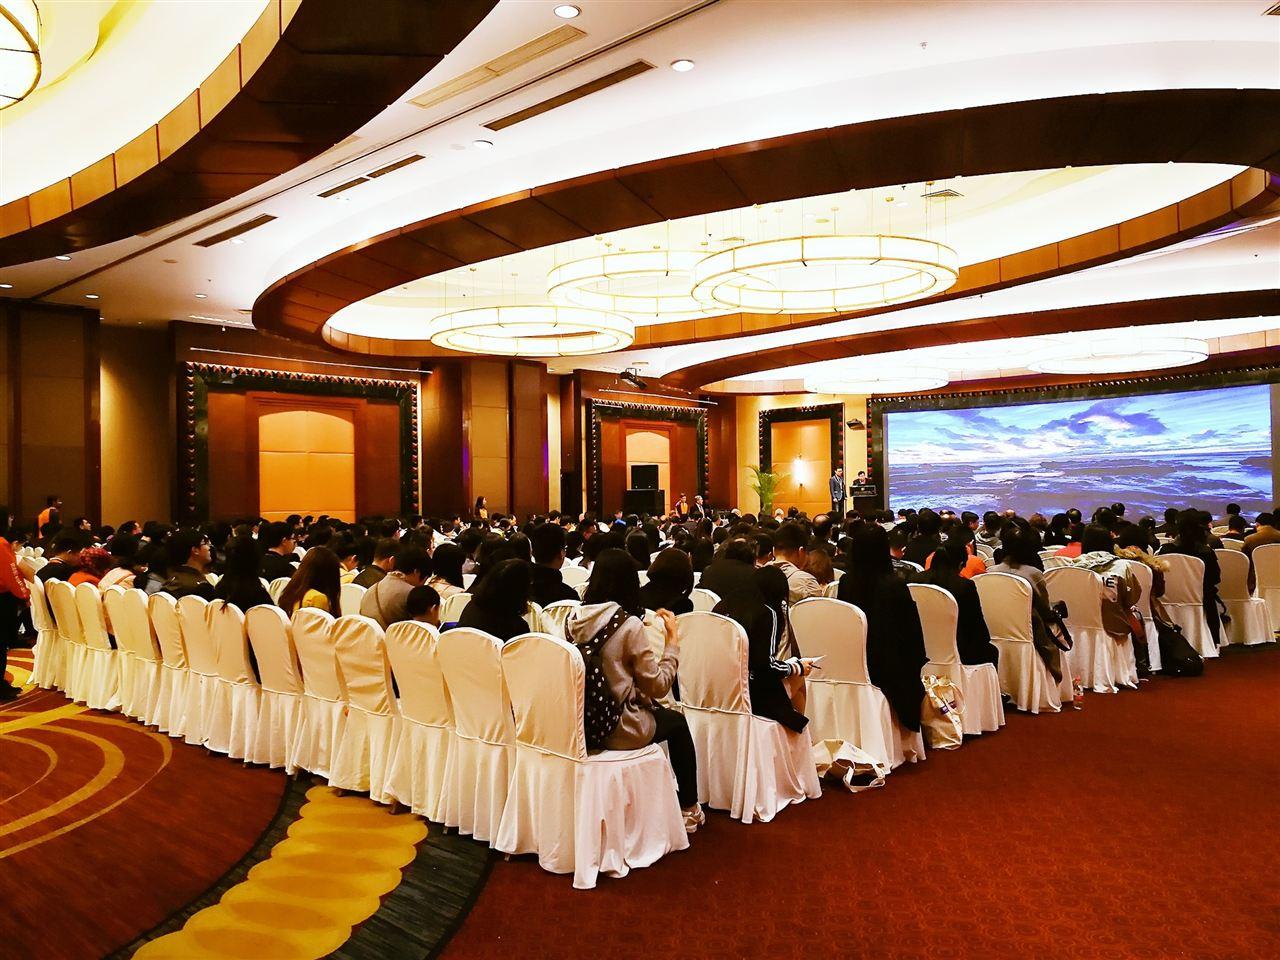 赛默飞与您共享学术盛宴-第十七届亚太生物分离与生物分析国际会议